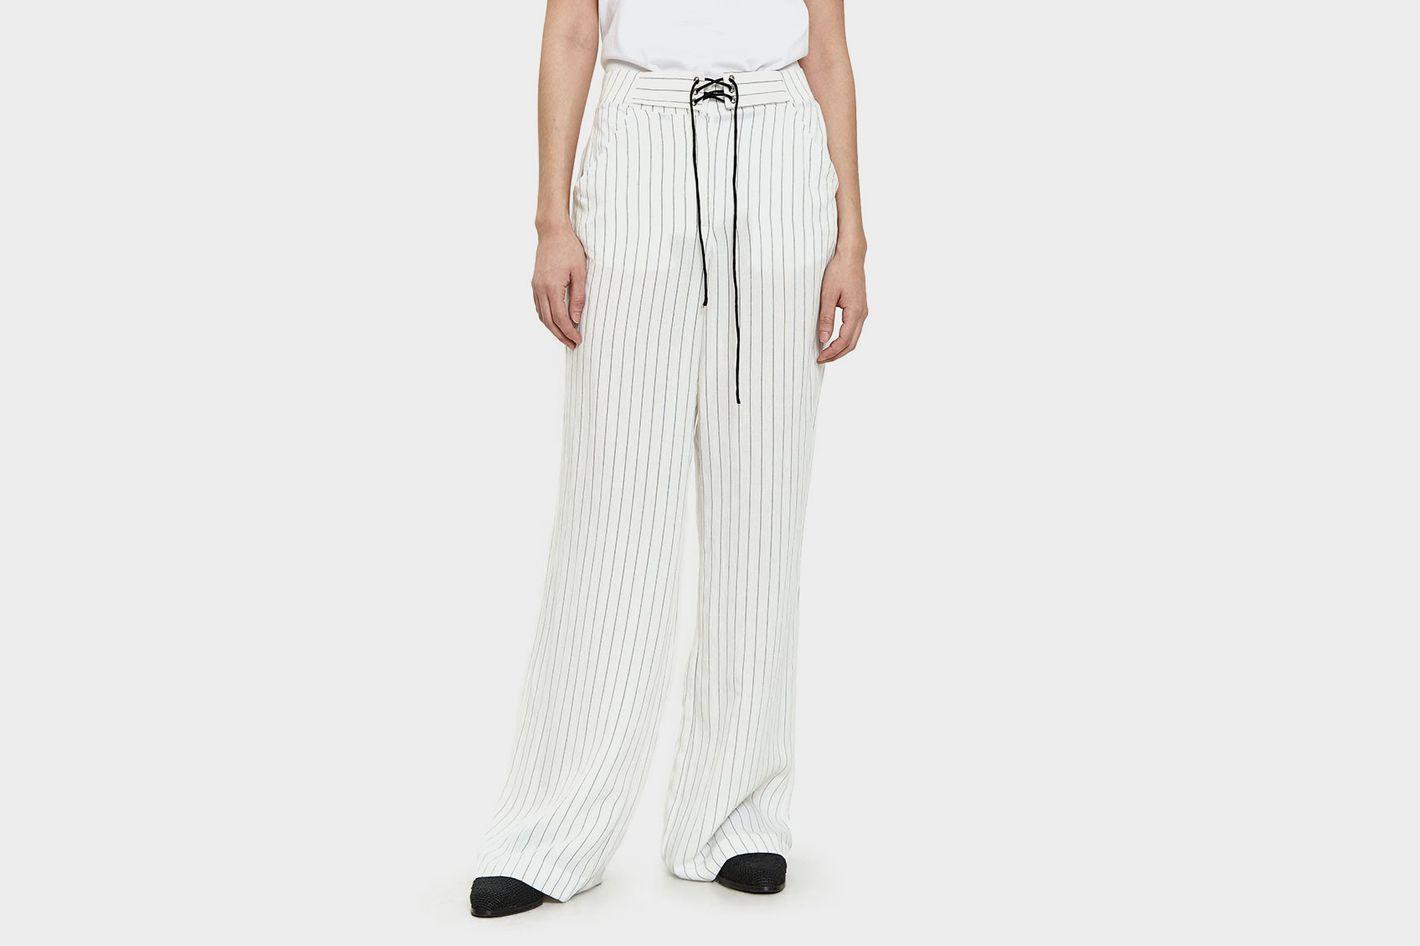 Farrow Clark Pants in White